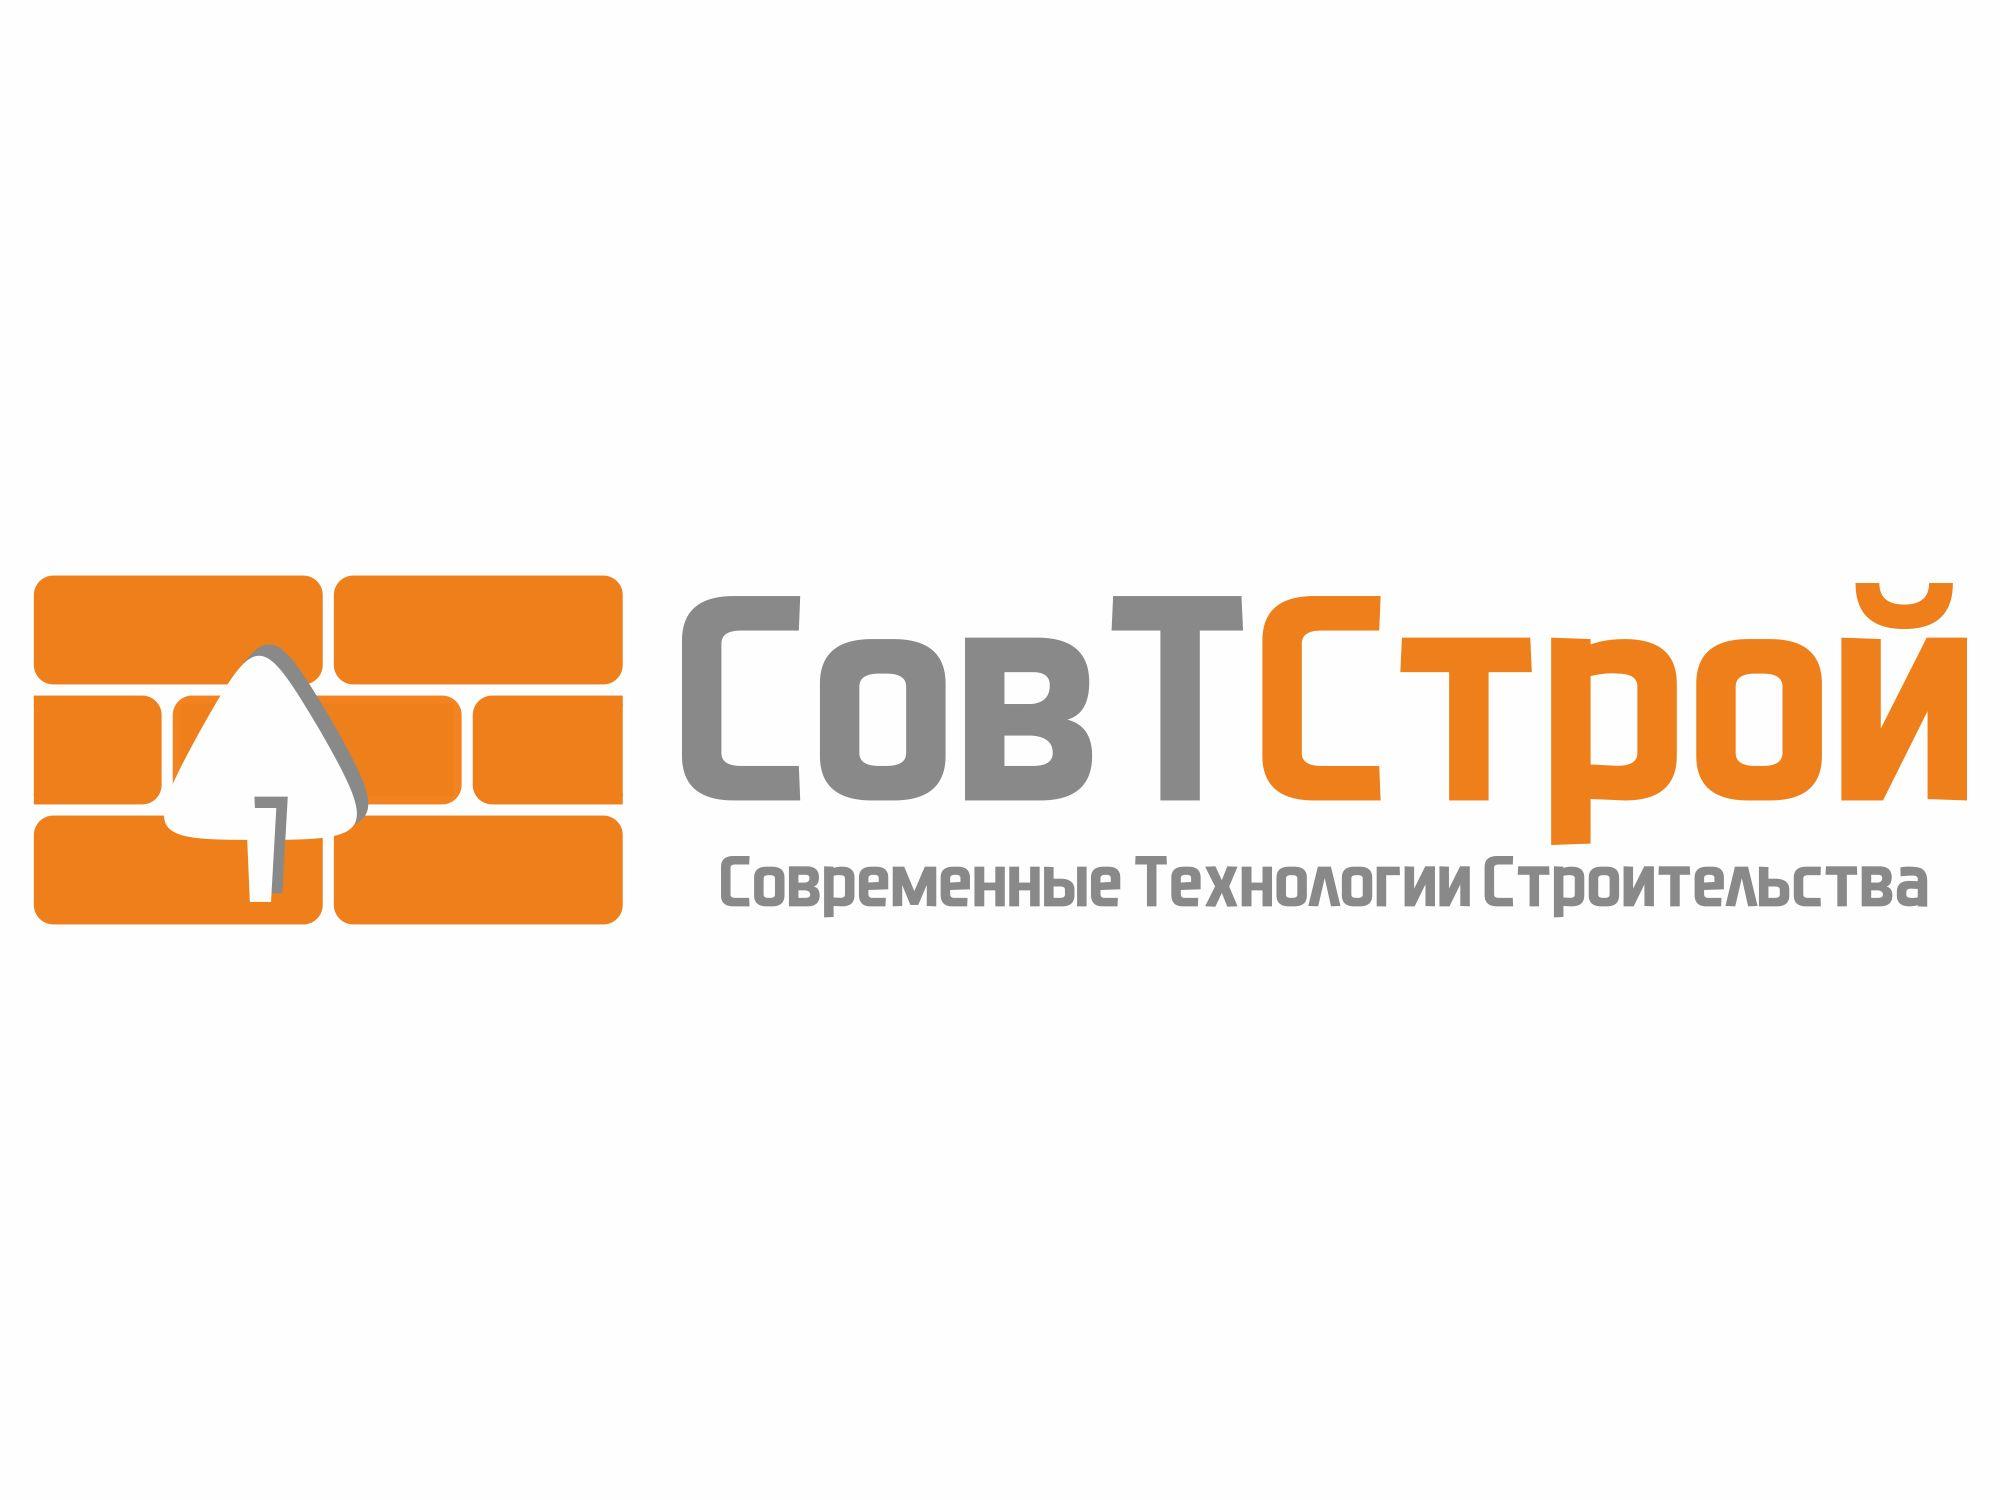 Логотип для поставщика строительных материалов - дизайнер zimt42